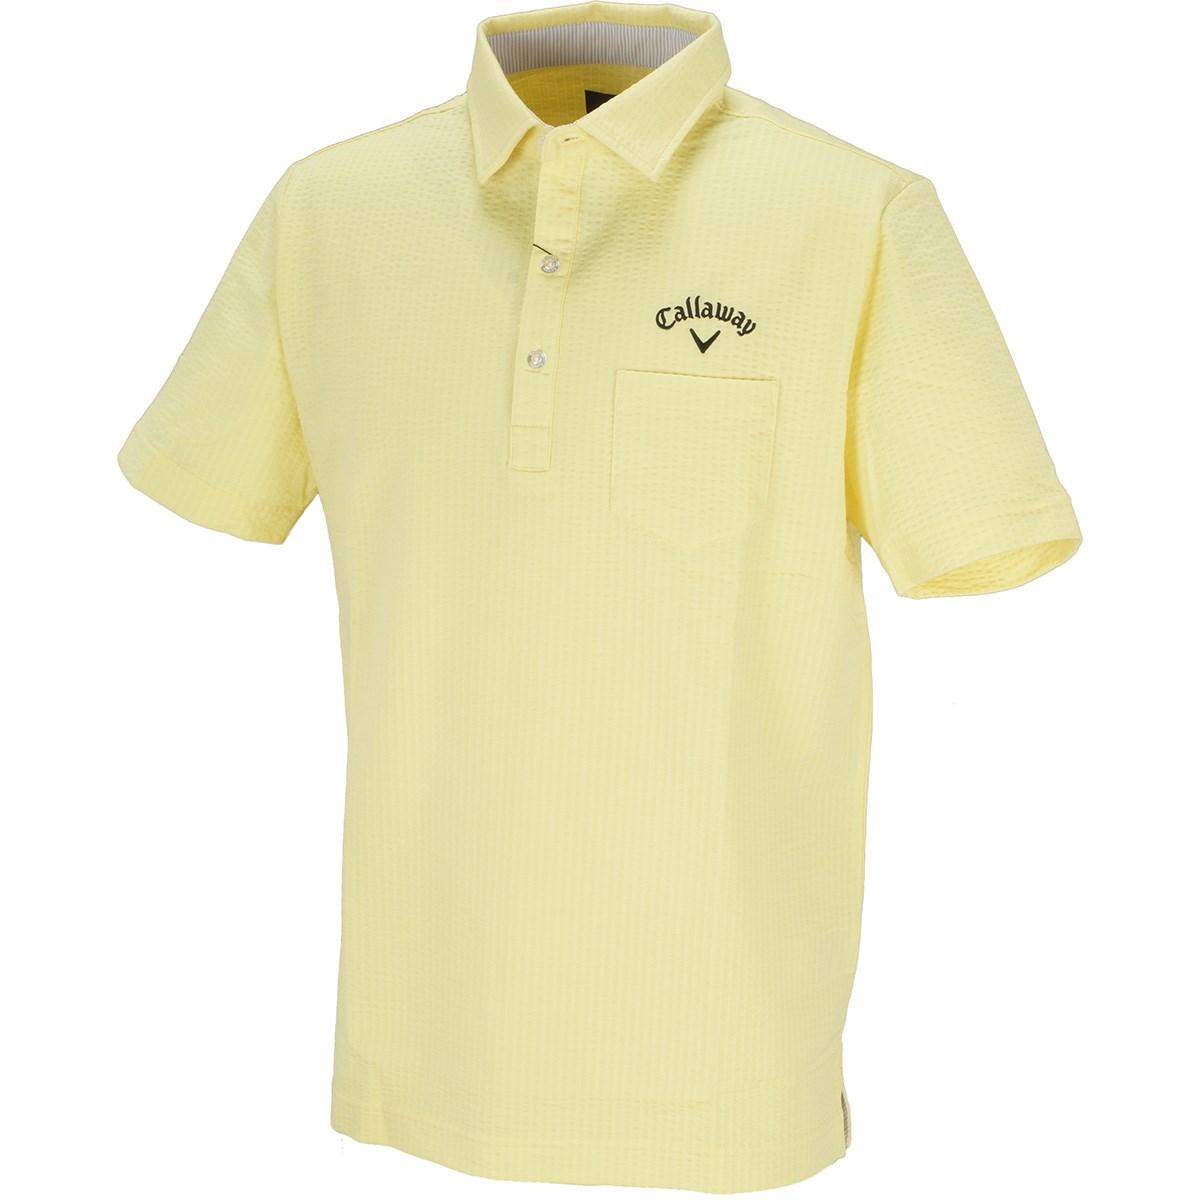 キャロウェイゴルフ Callaway Golf サッカーストライプ 半袖ポロシャツ M イエロー 060